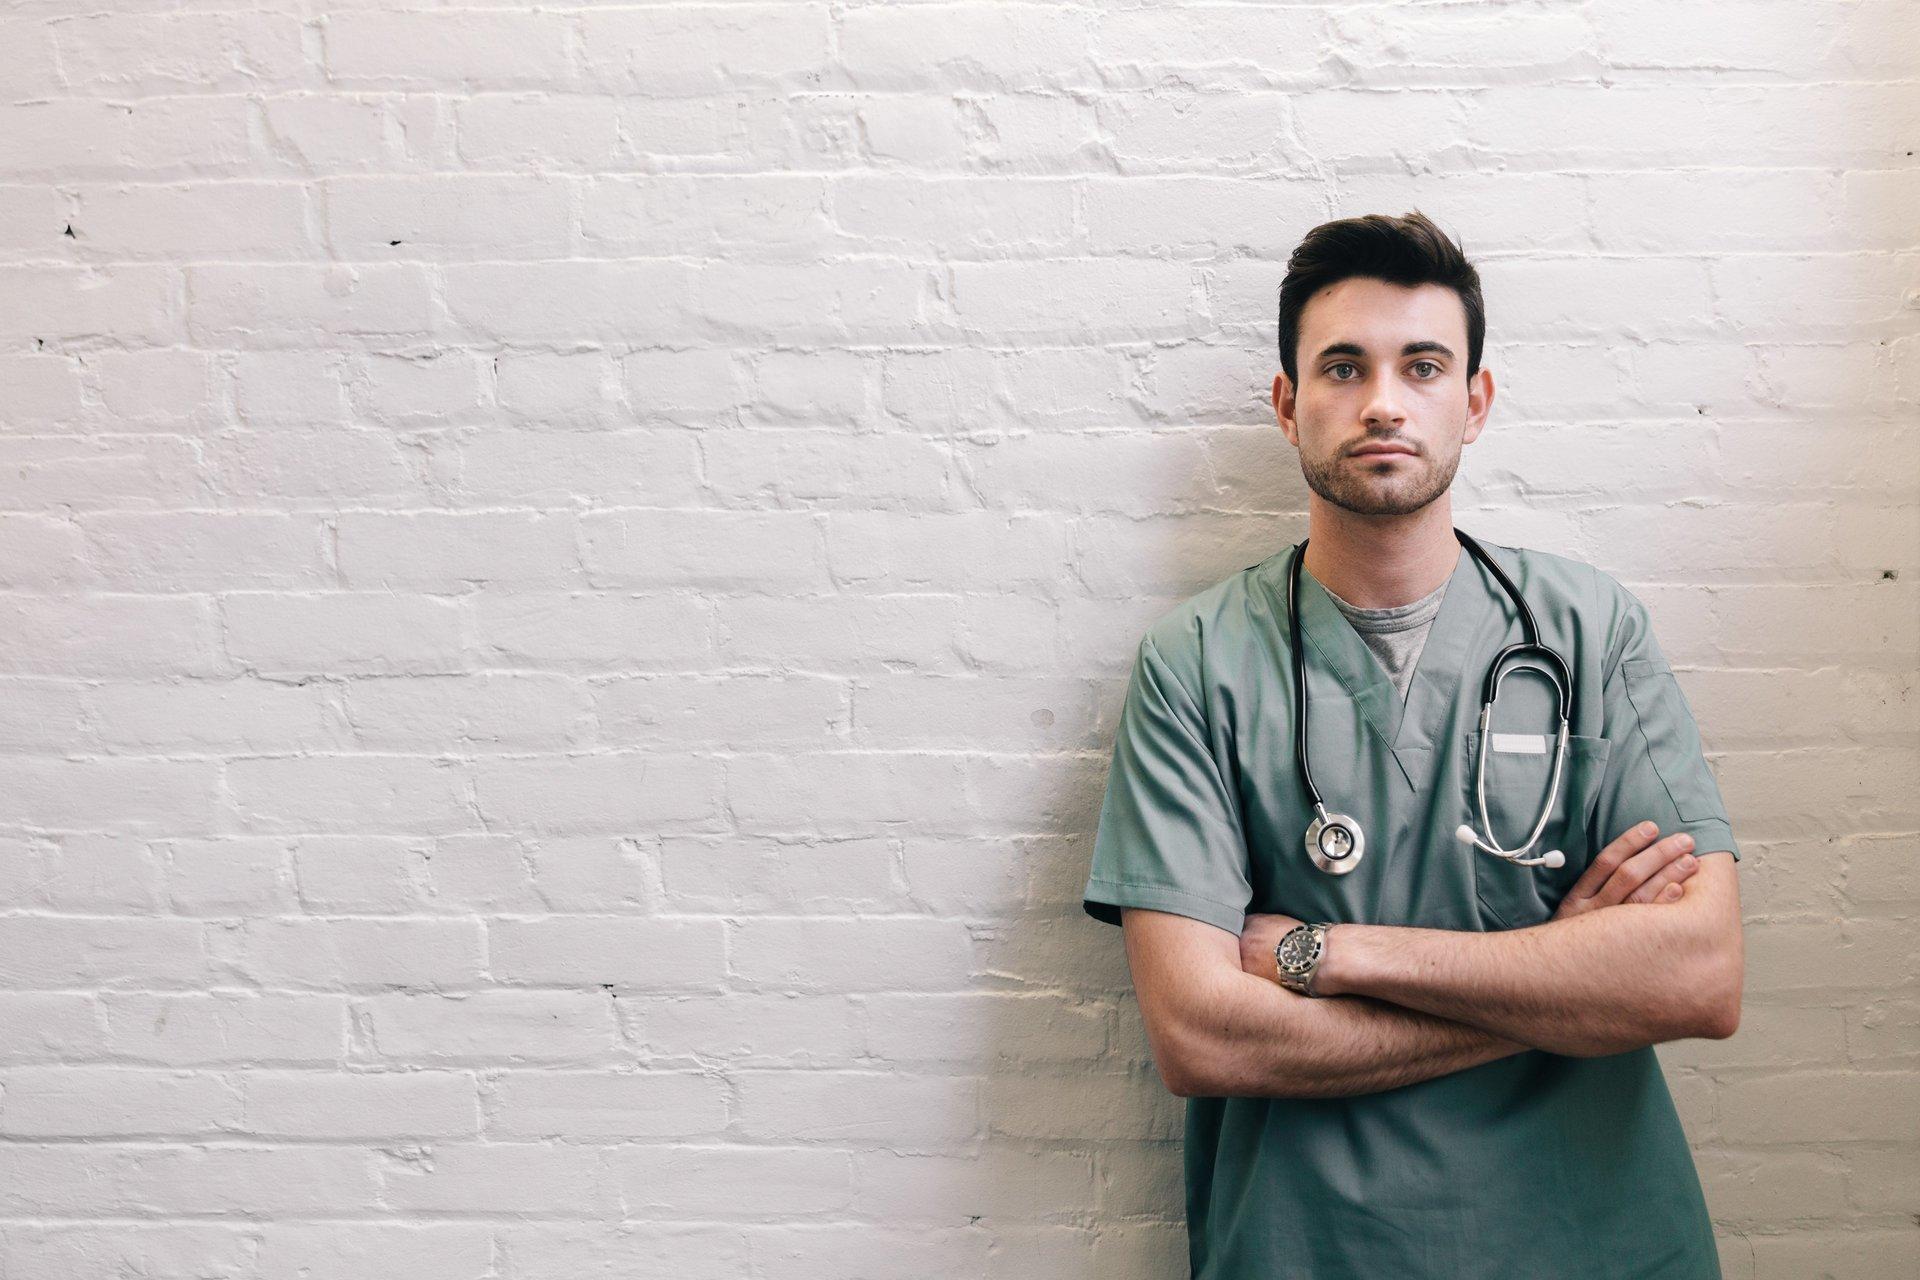 Más de la mitad de los especialistas de salud en España creen que los pacientes están sobreinformados